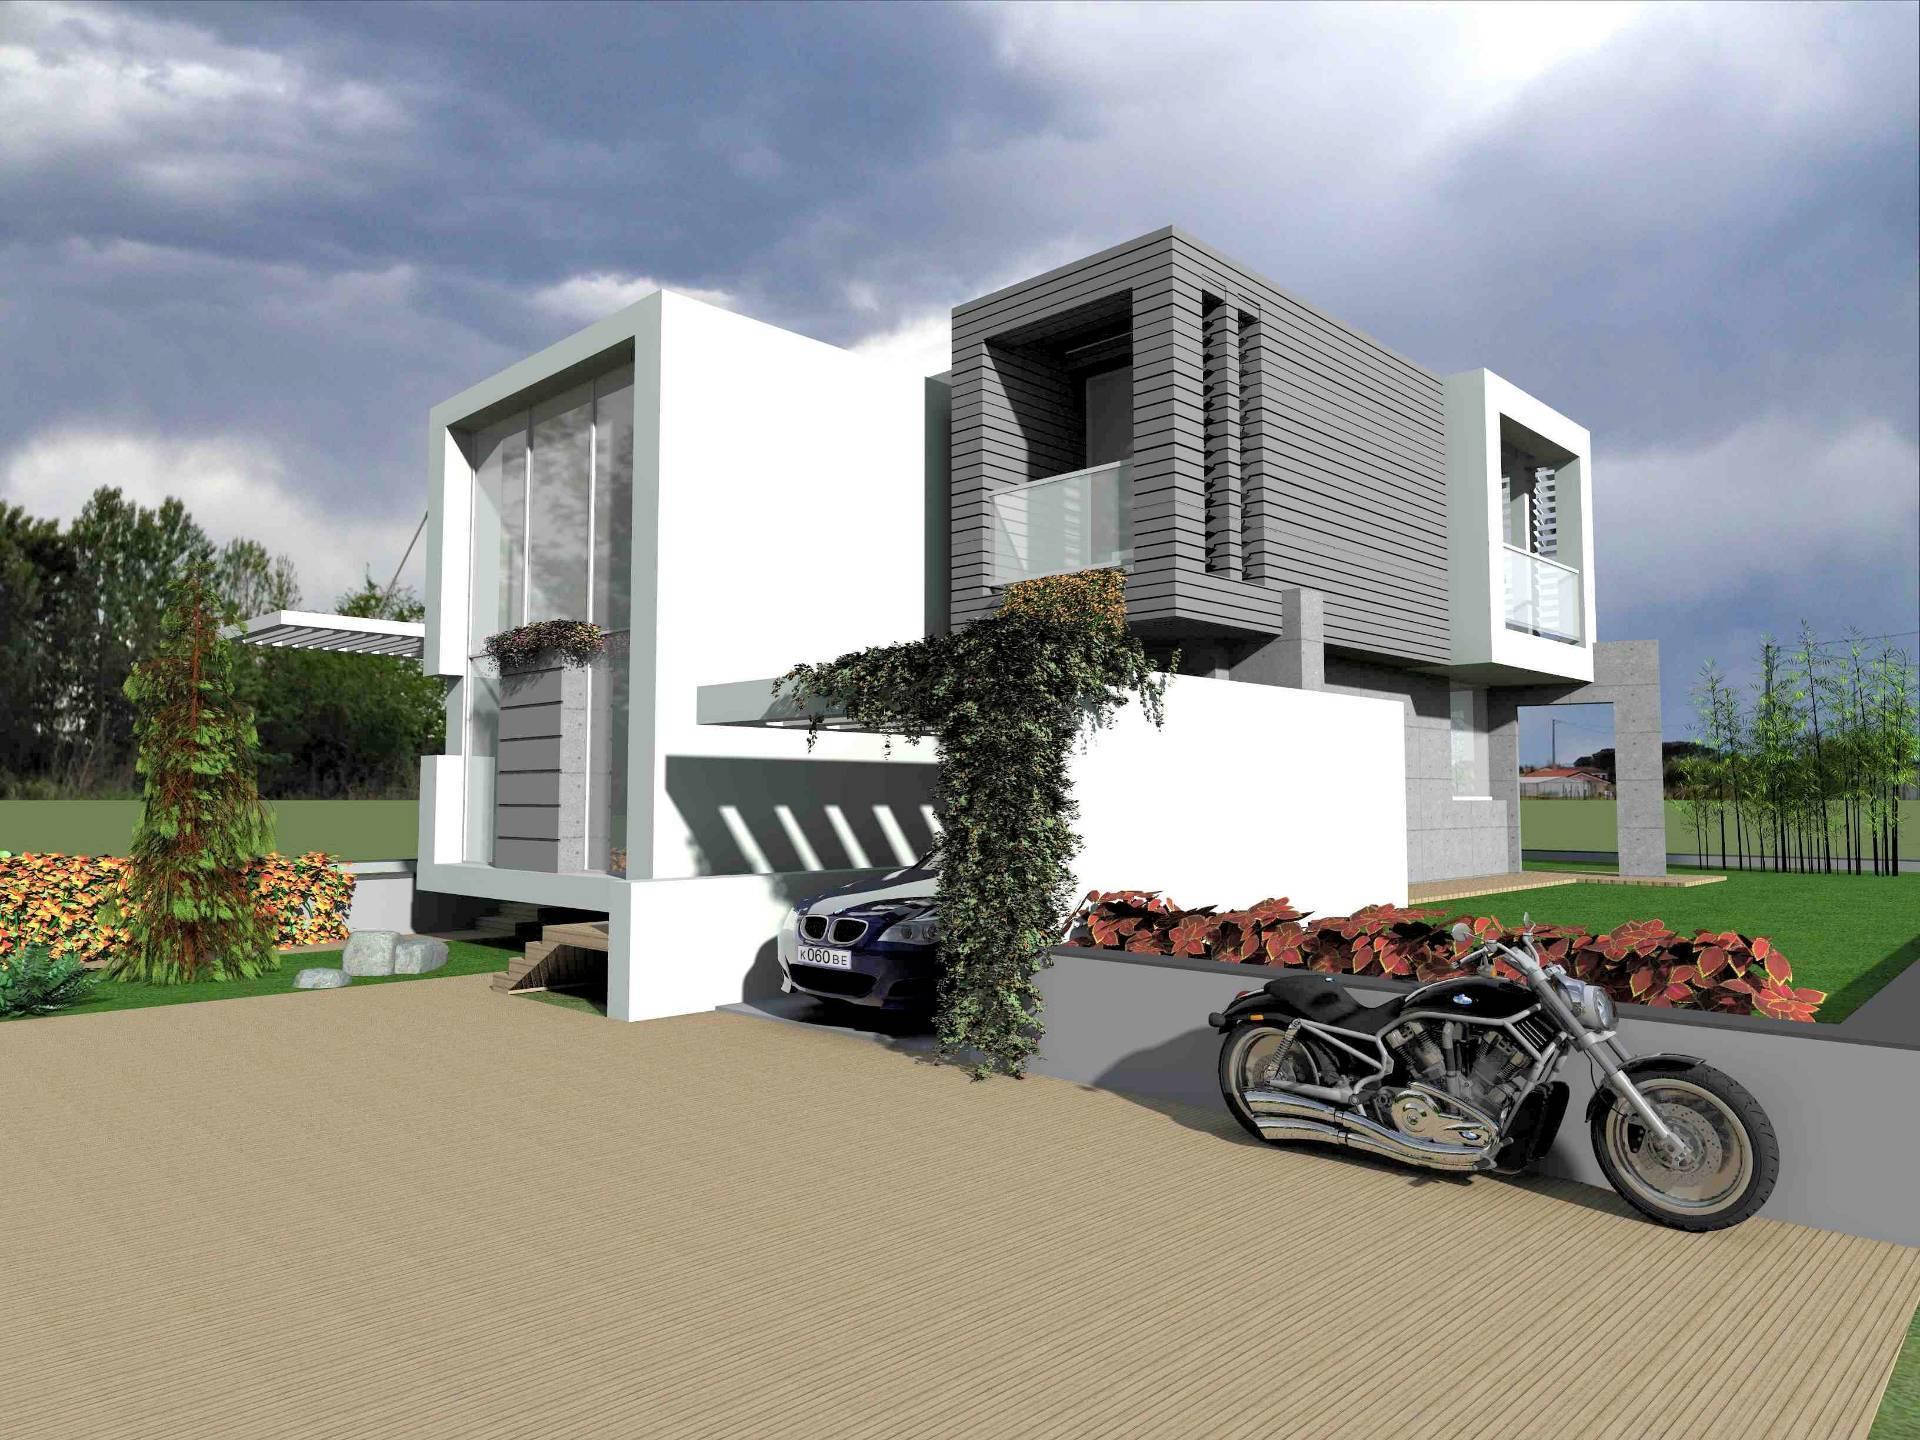 1228-Villetta singola in stile moderno da realizzare-Chiesina Uzzanese-1 Agenzia Immobiliare ASIP